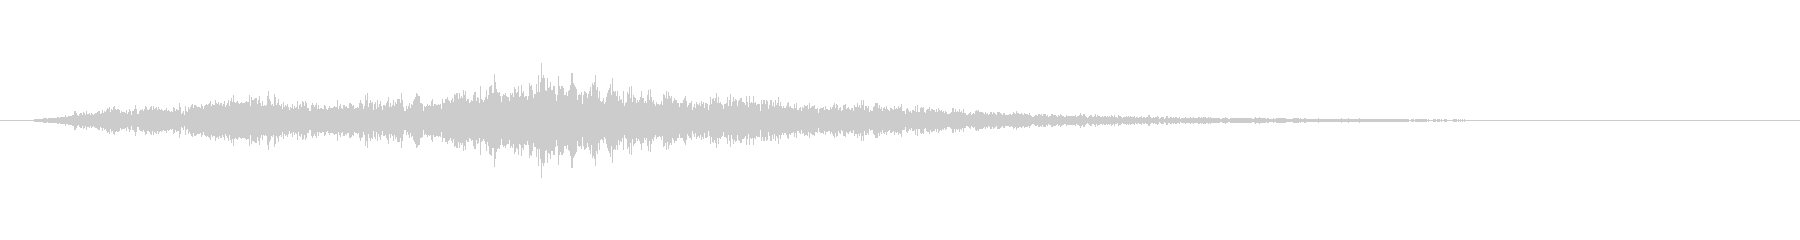 デーモングロールホバー-3-ゾンビブレスの未再生の波形